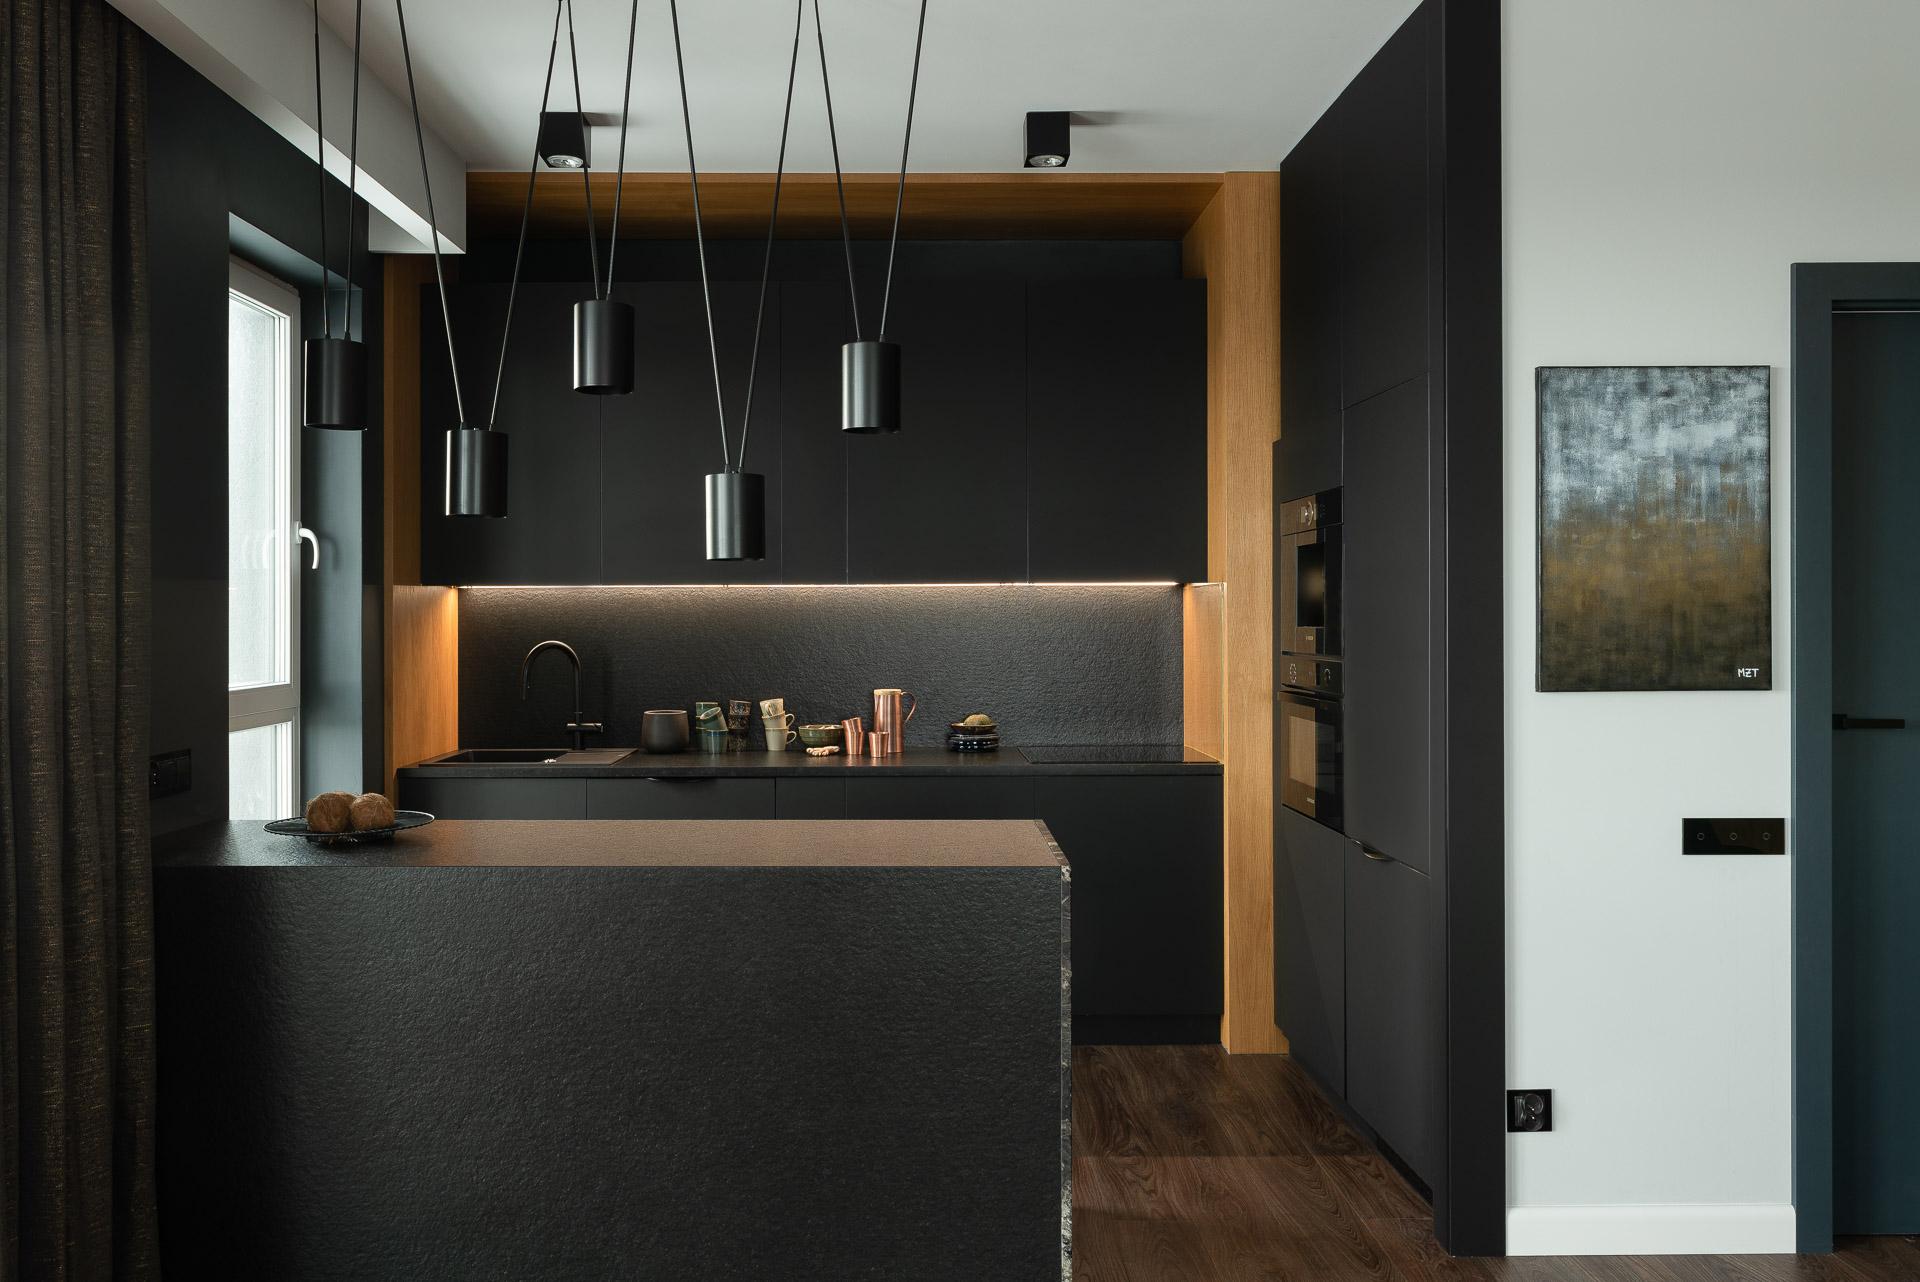 Prywatne mieszkanie wGdańsku – projekt architekta